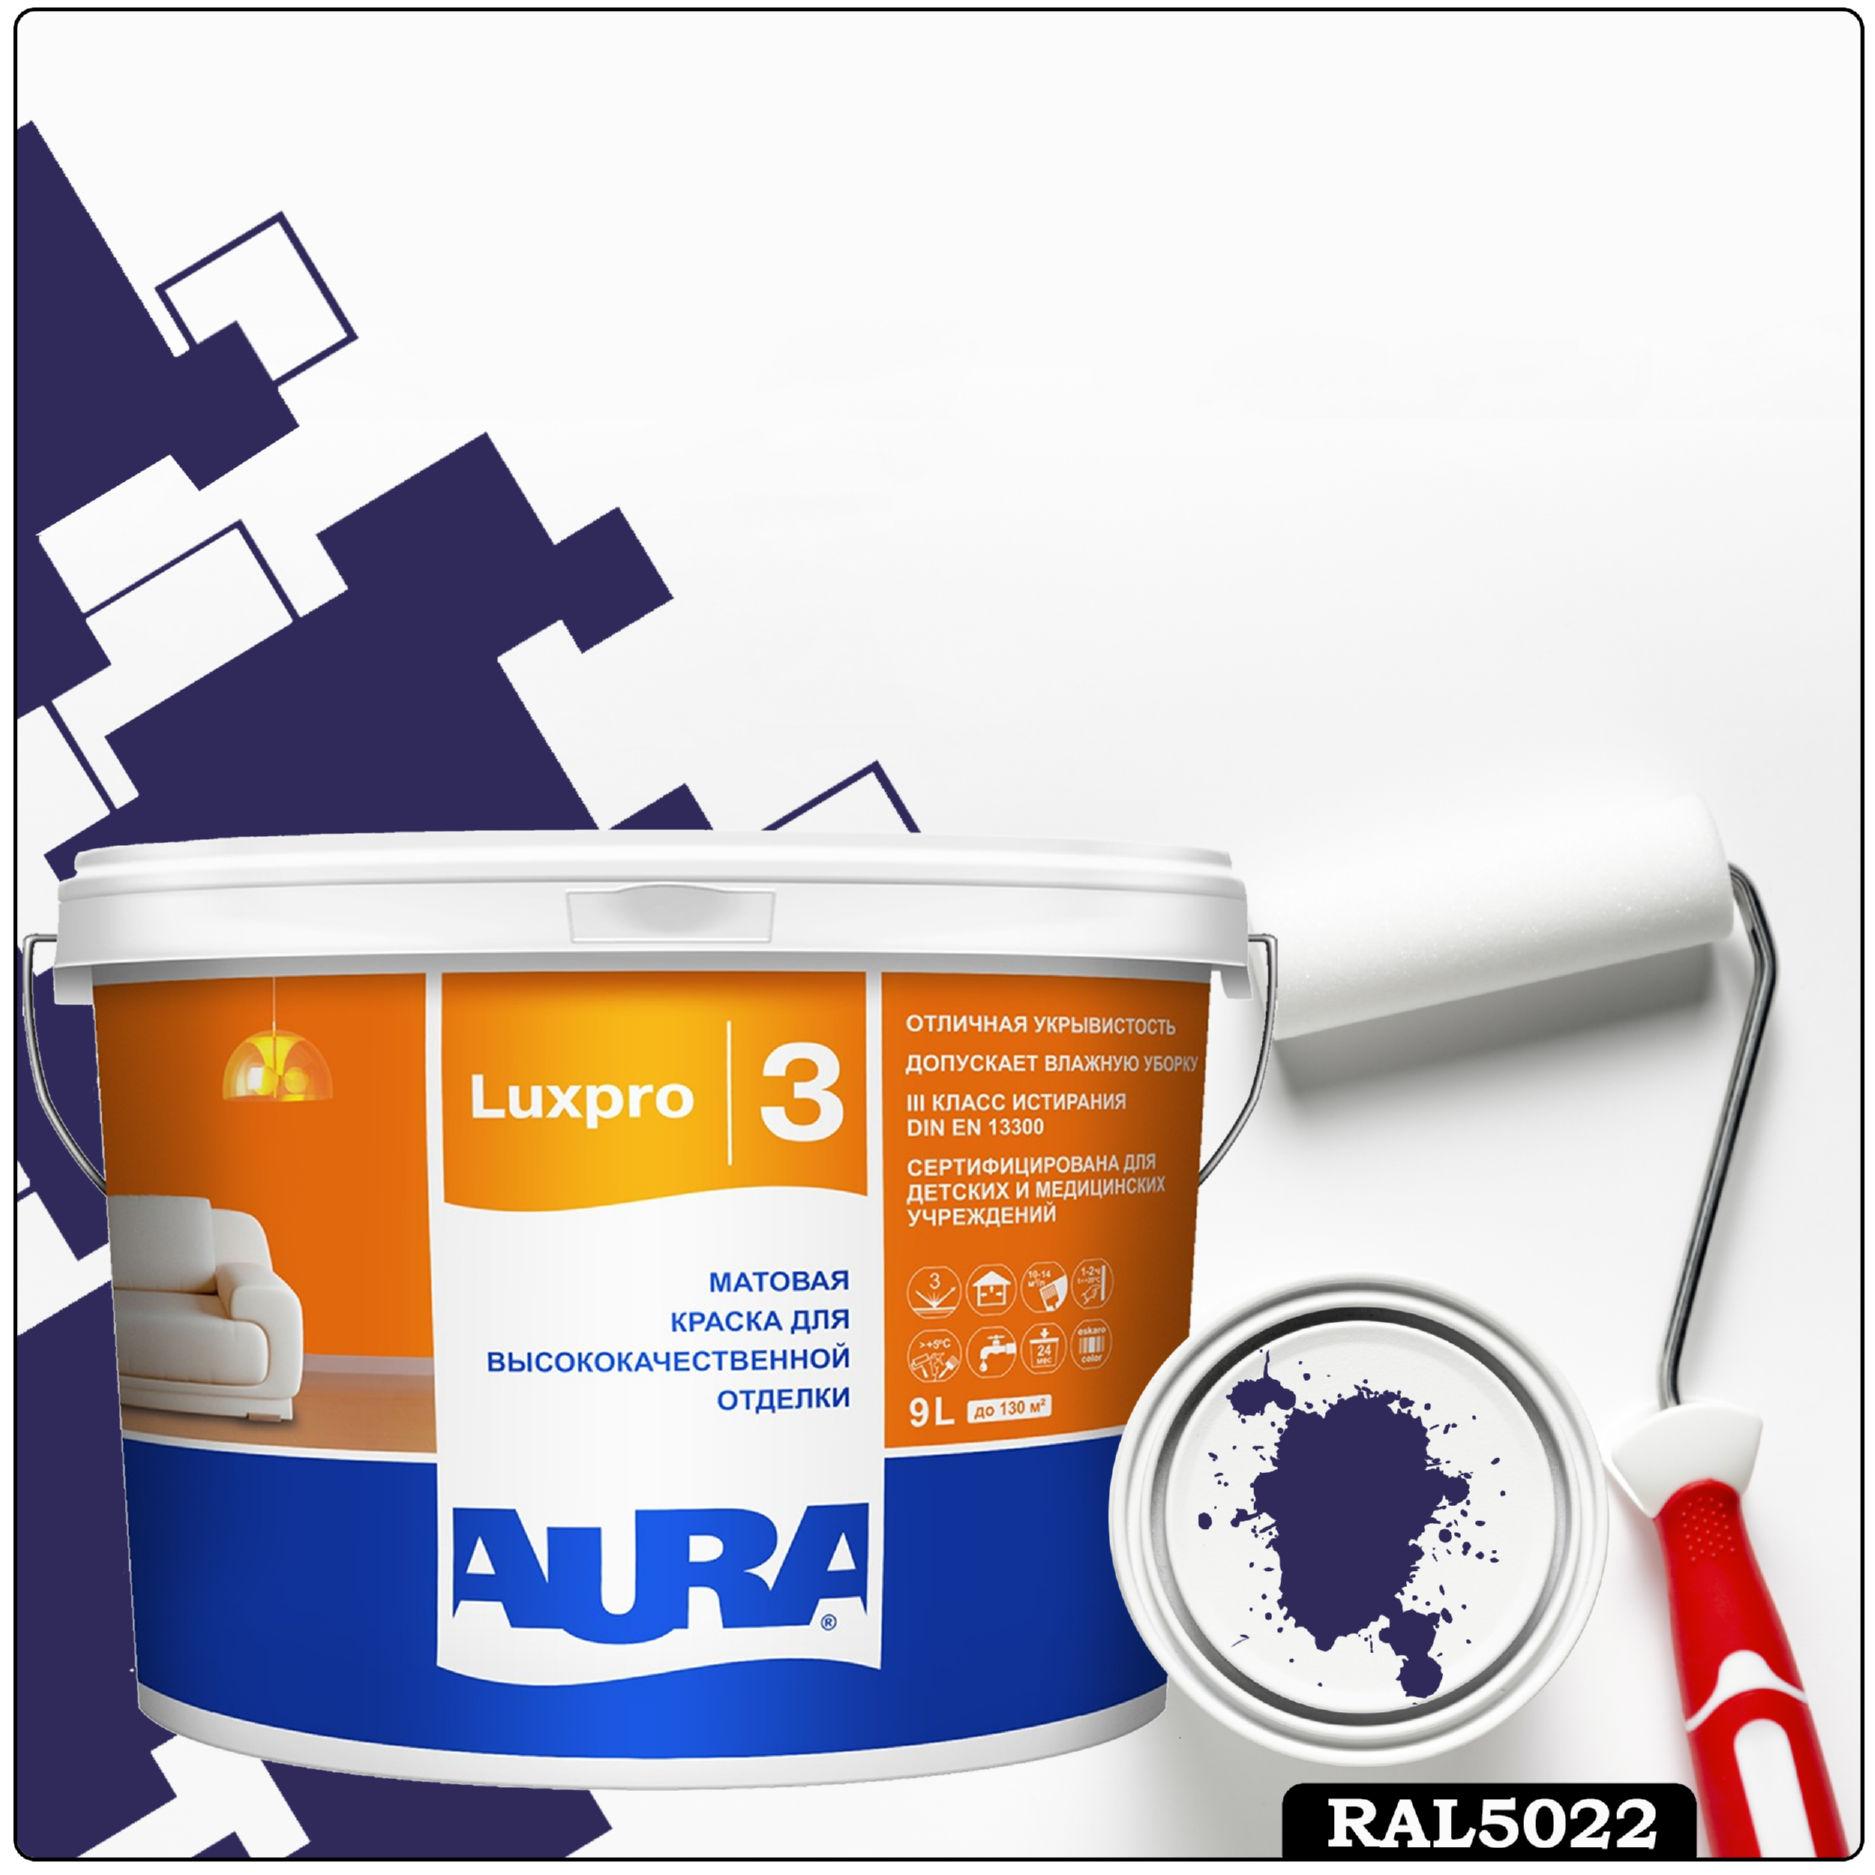 Фото 2 - Краска Aura LuxPRO 3, RAL 5022 Ночной синий, латексная, шелково-матовая, интерьерная, 9л, Аура.